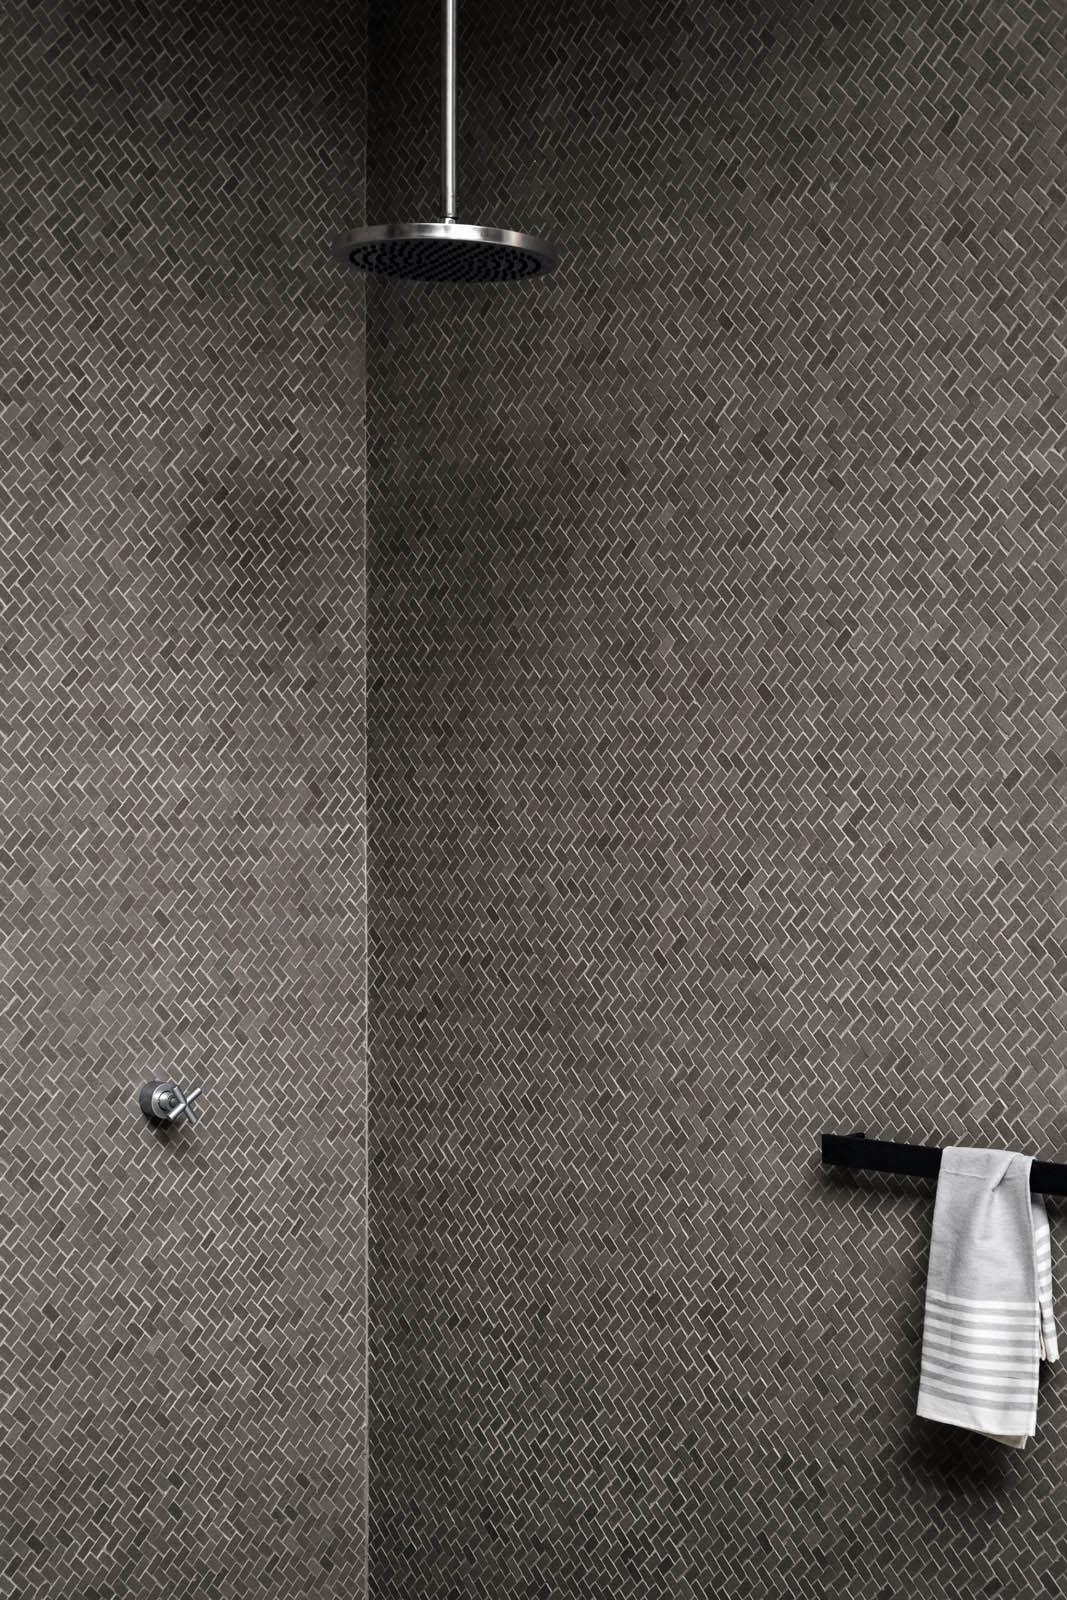 Piastrelle a mosaico per bagno e altri ambienti marazzi - Rivestimenti per doccia ...